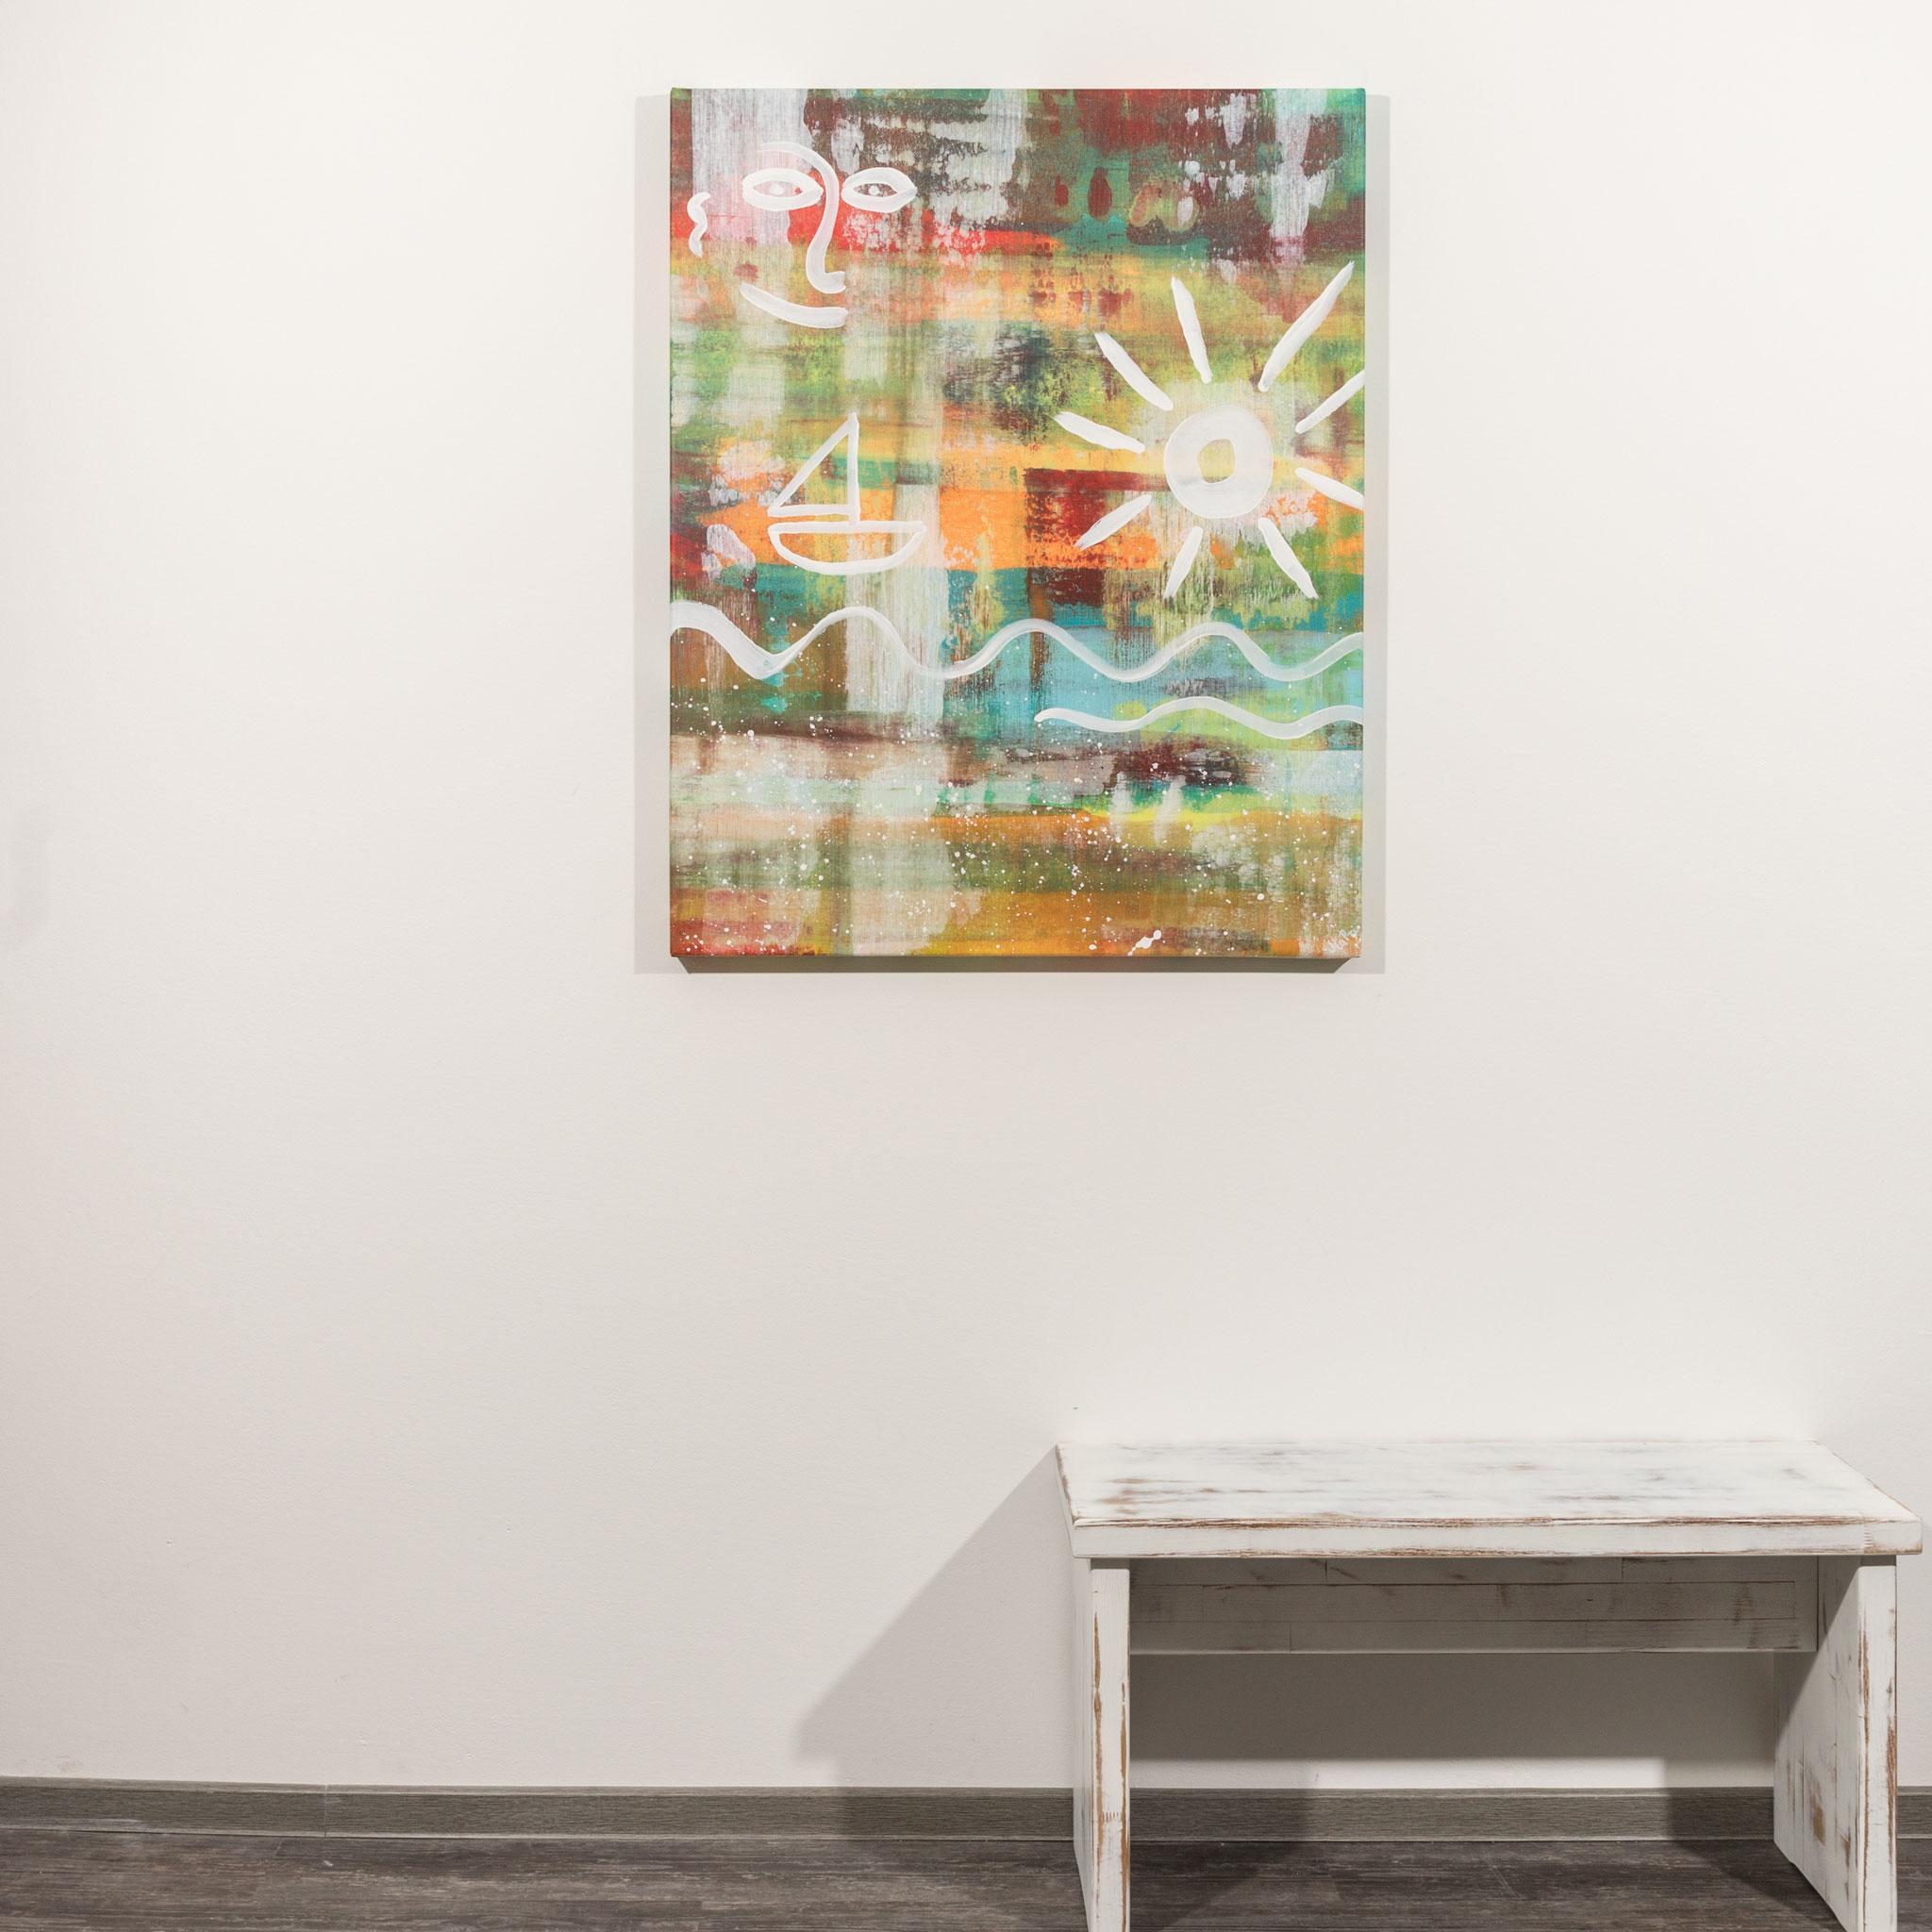 # 74 Harmonie der Sonne ´20            80 x 100cm